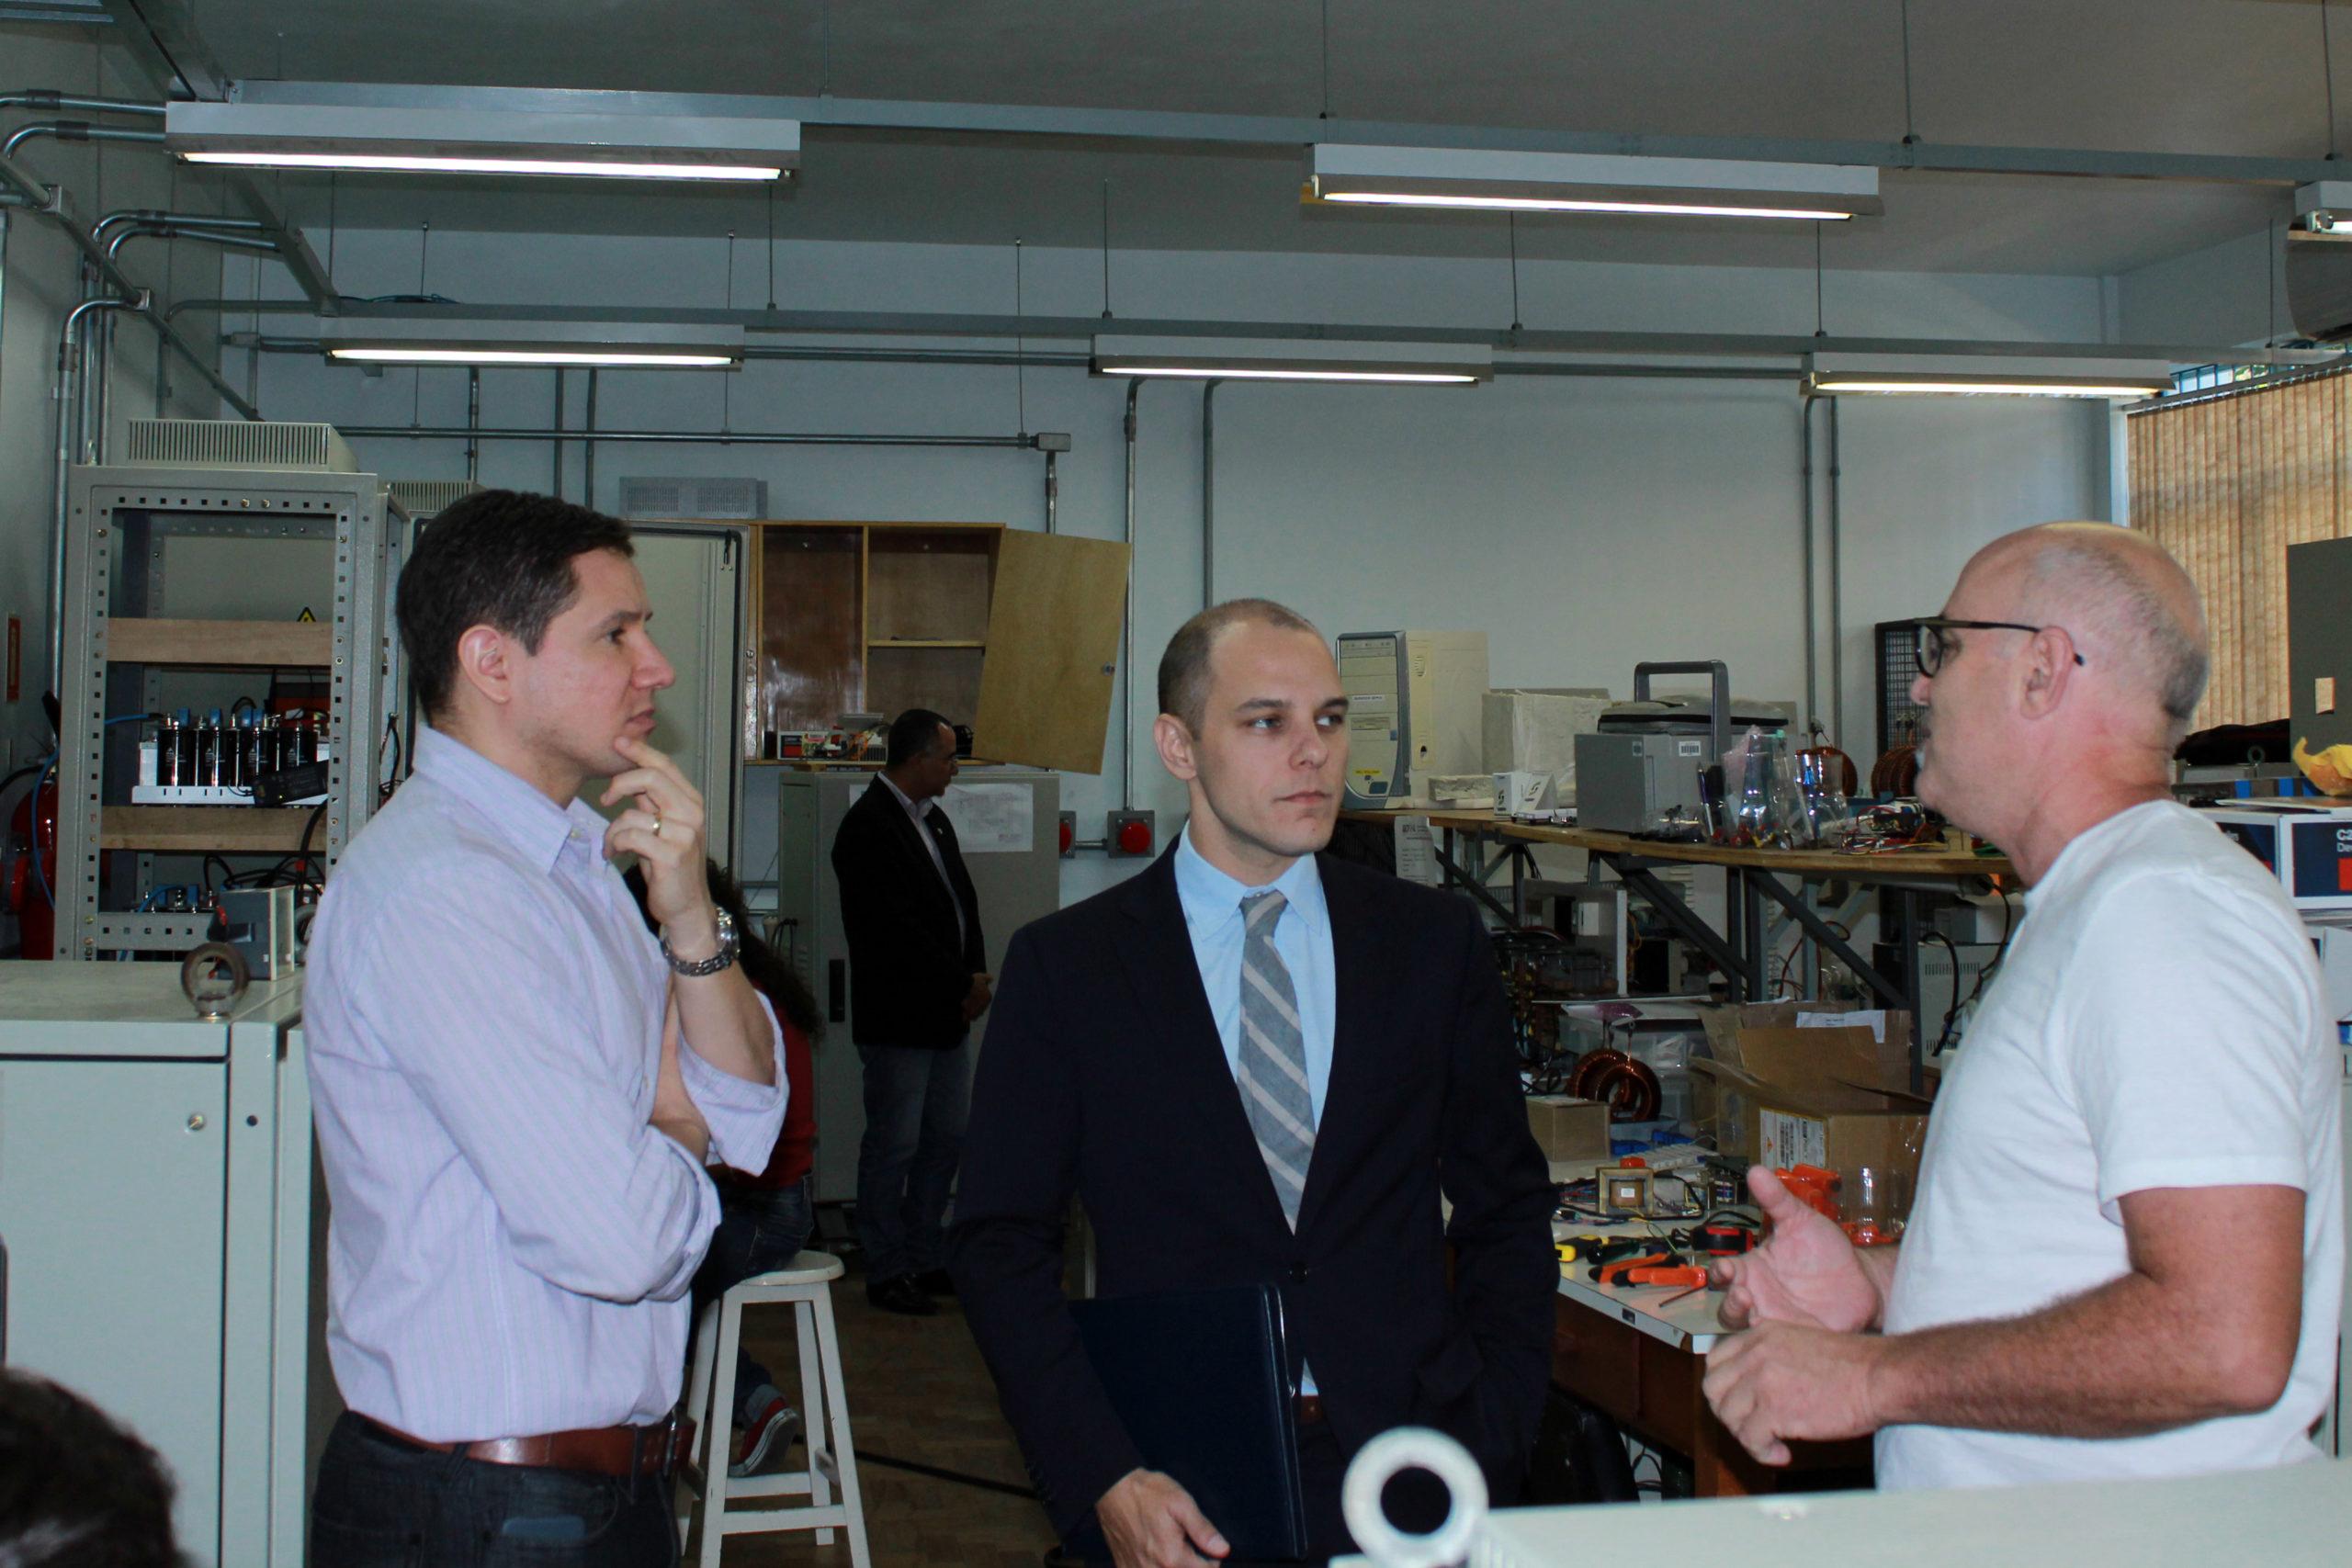 Acima: O vice-diretor do Centro de Tecnologia, Deividi Pereira, o cônsul dos EUA, John Jacobs, e o professor Humberto Pinheiro que conversou um pouco sobre as atividades realizadas pelo GEPOC.